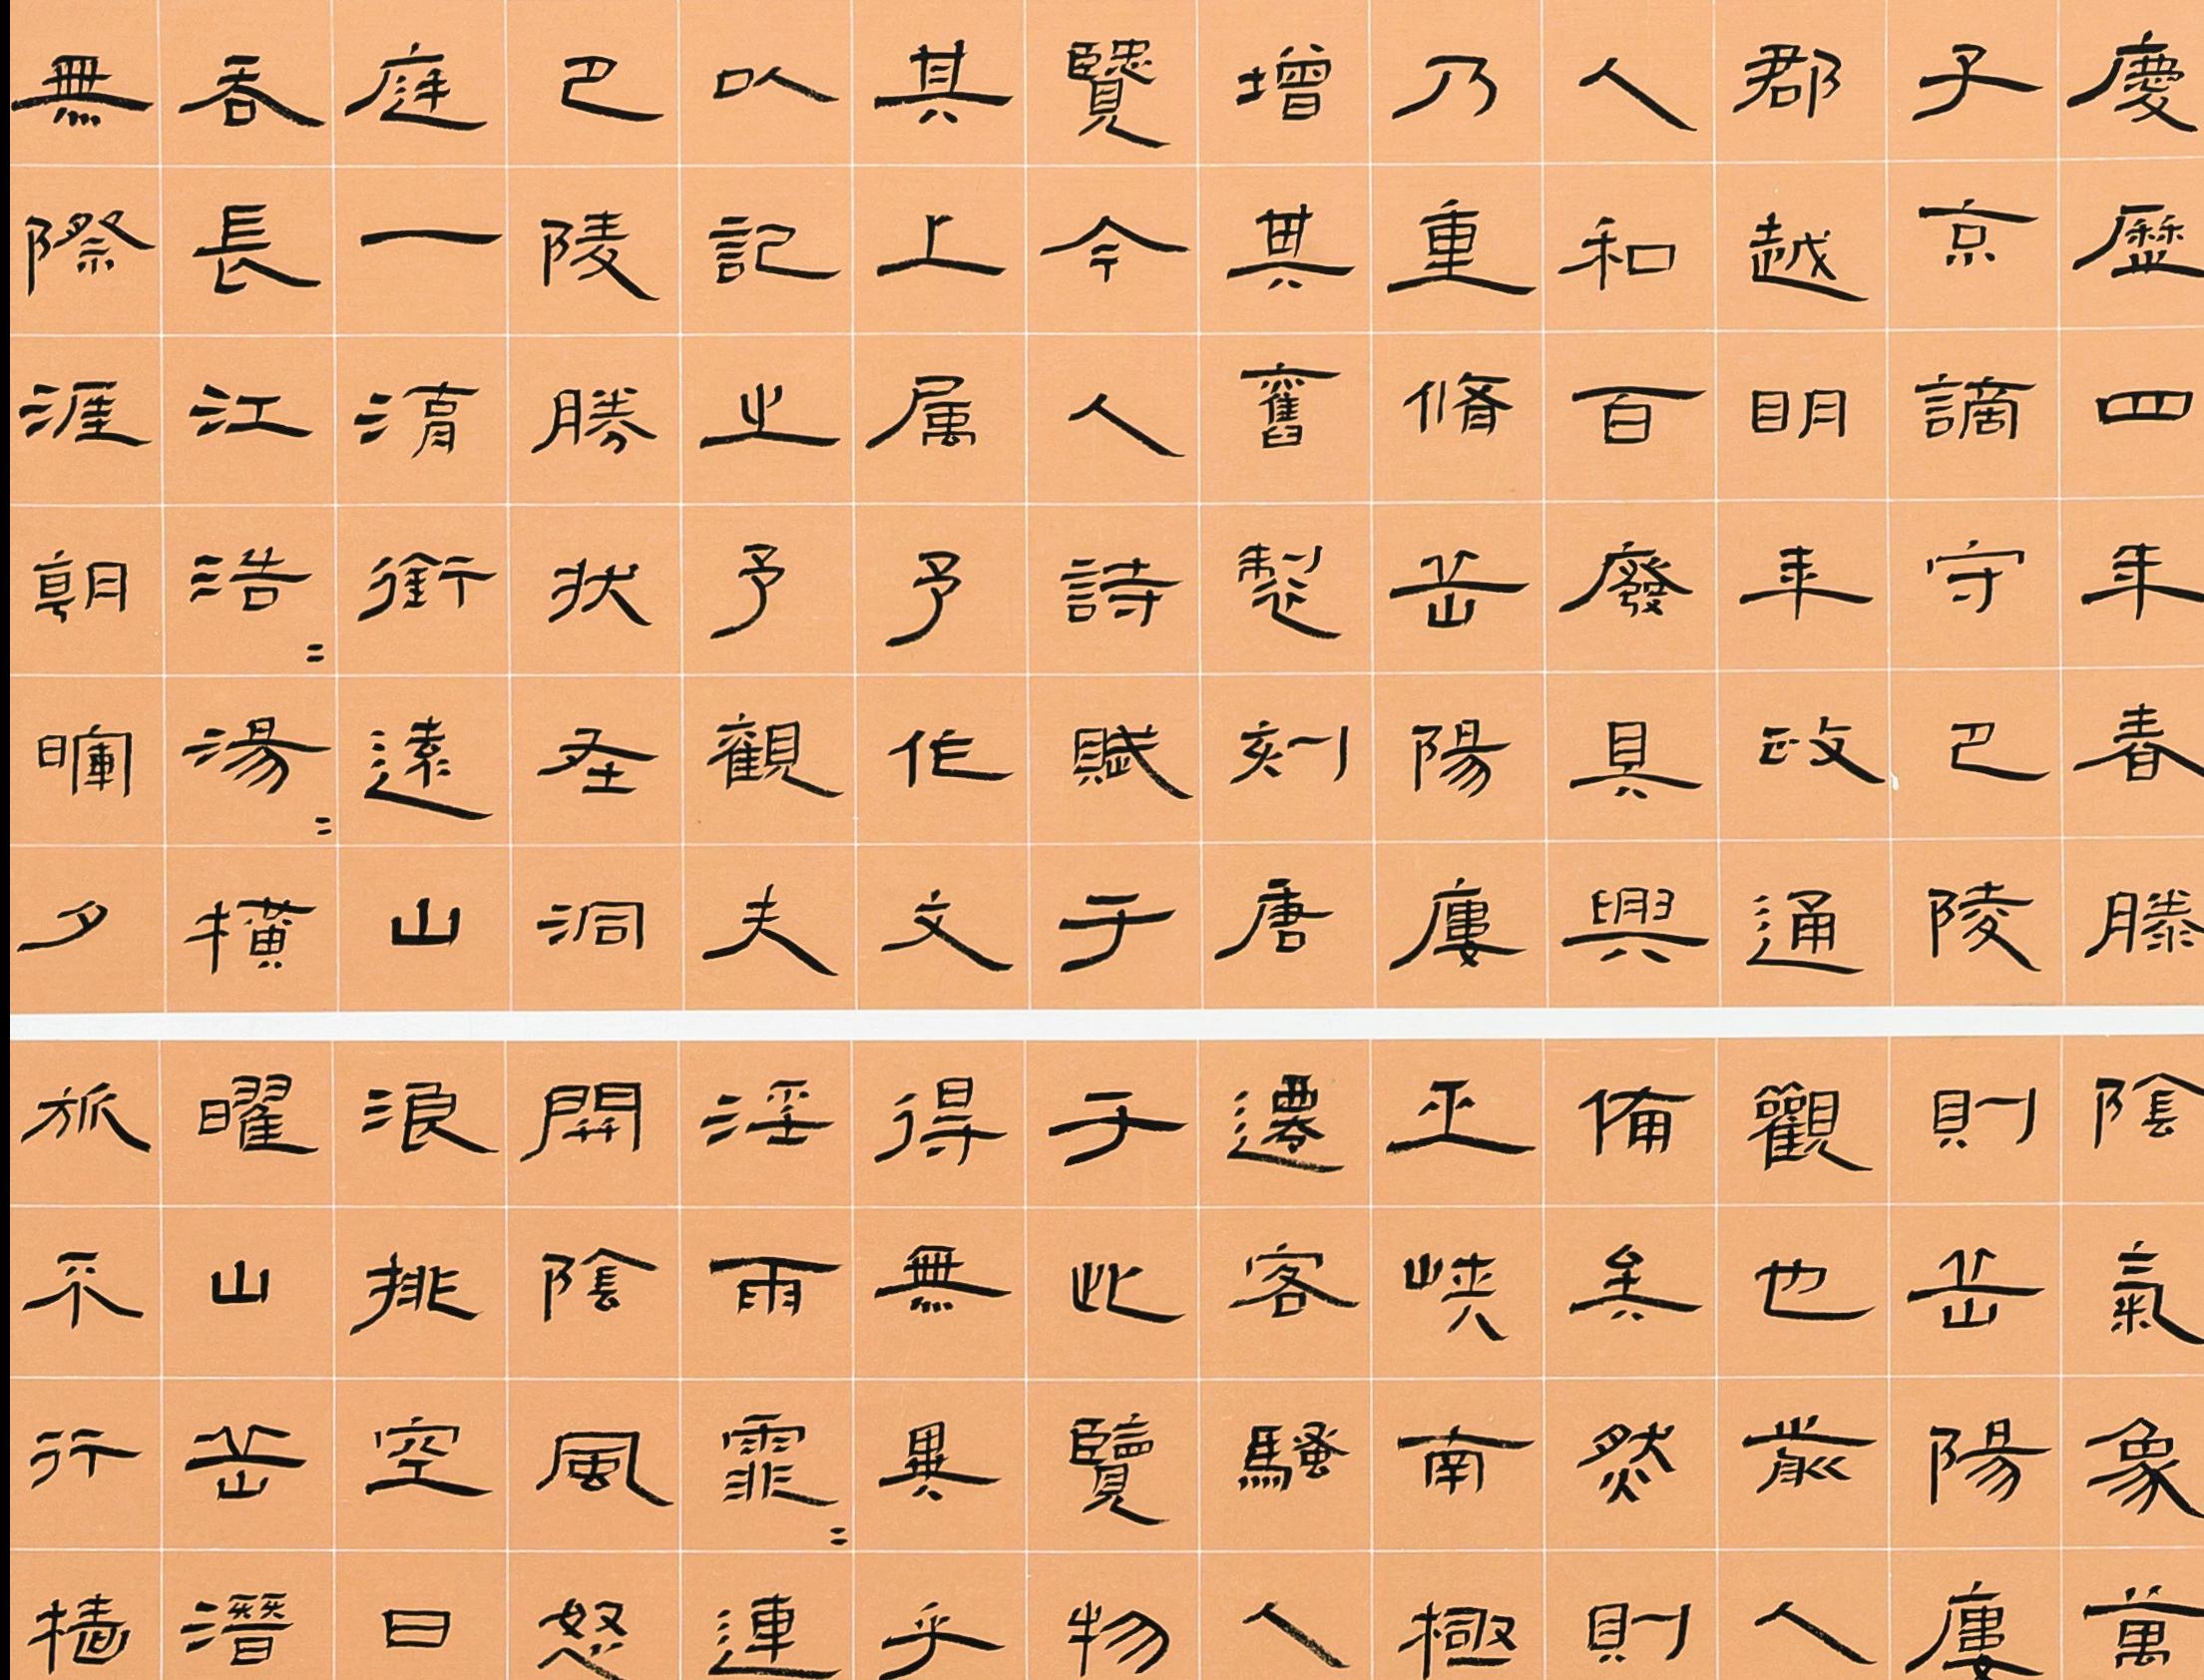 2018年影像北京——全市書法美術攝影展 書法二等獎作品展示